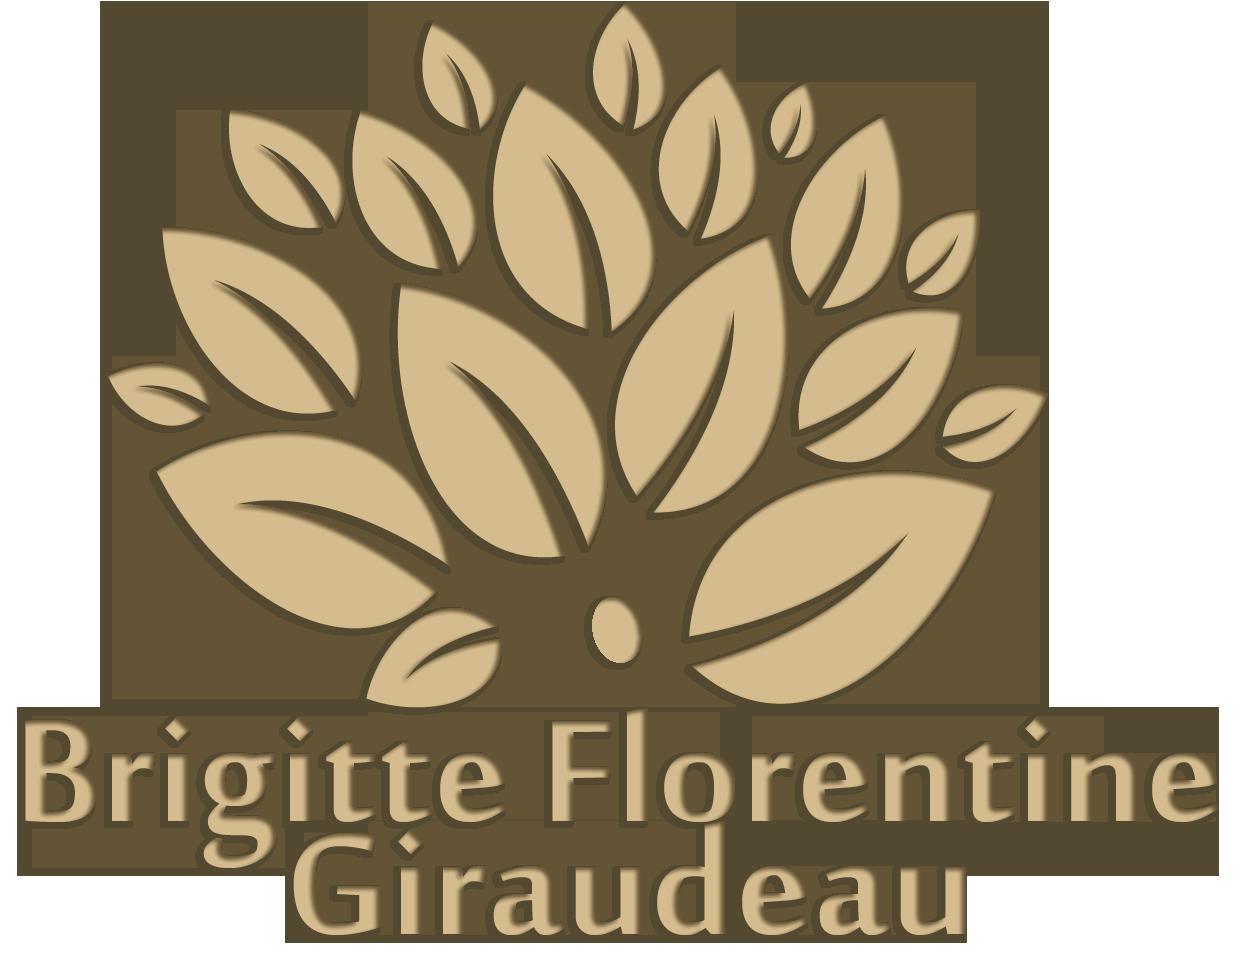 Naturopathe à Paris 12 - Paris 11- Paris 20 - Brigitte Florentine GIRAUDEAU